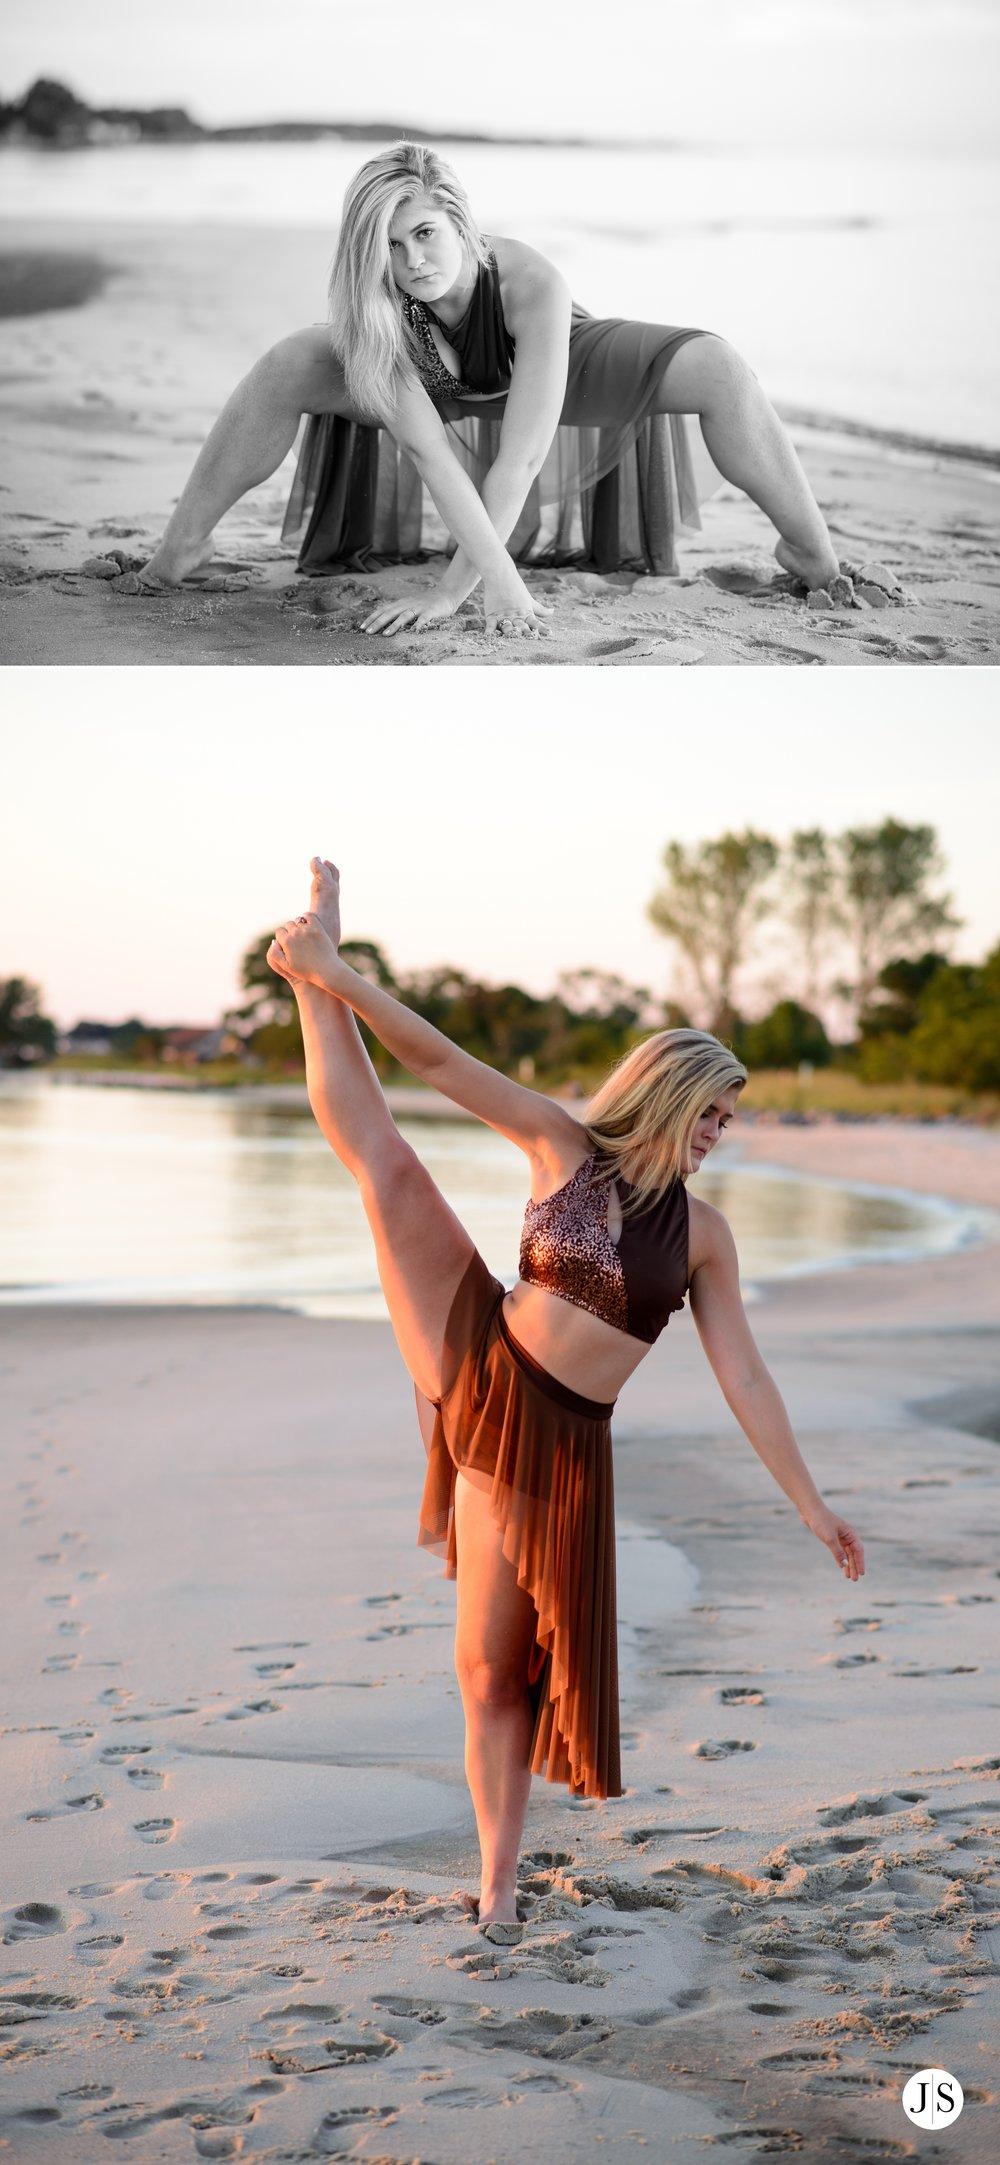 senior-portraits-beach-sunset-salisbury-thecove-dancer-maryland-photo 9.jpg